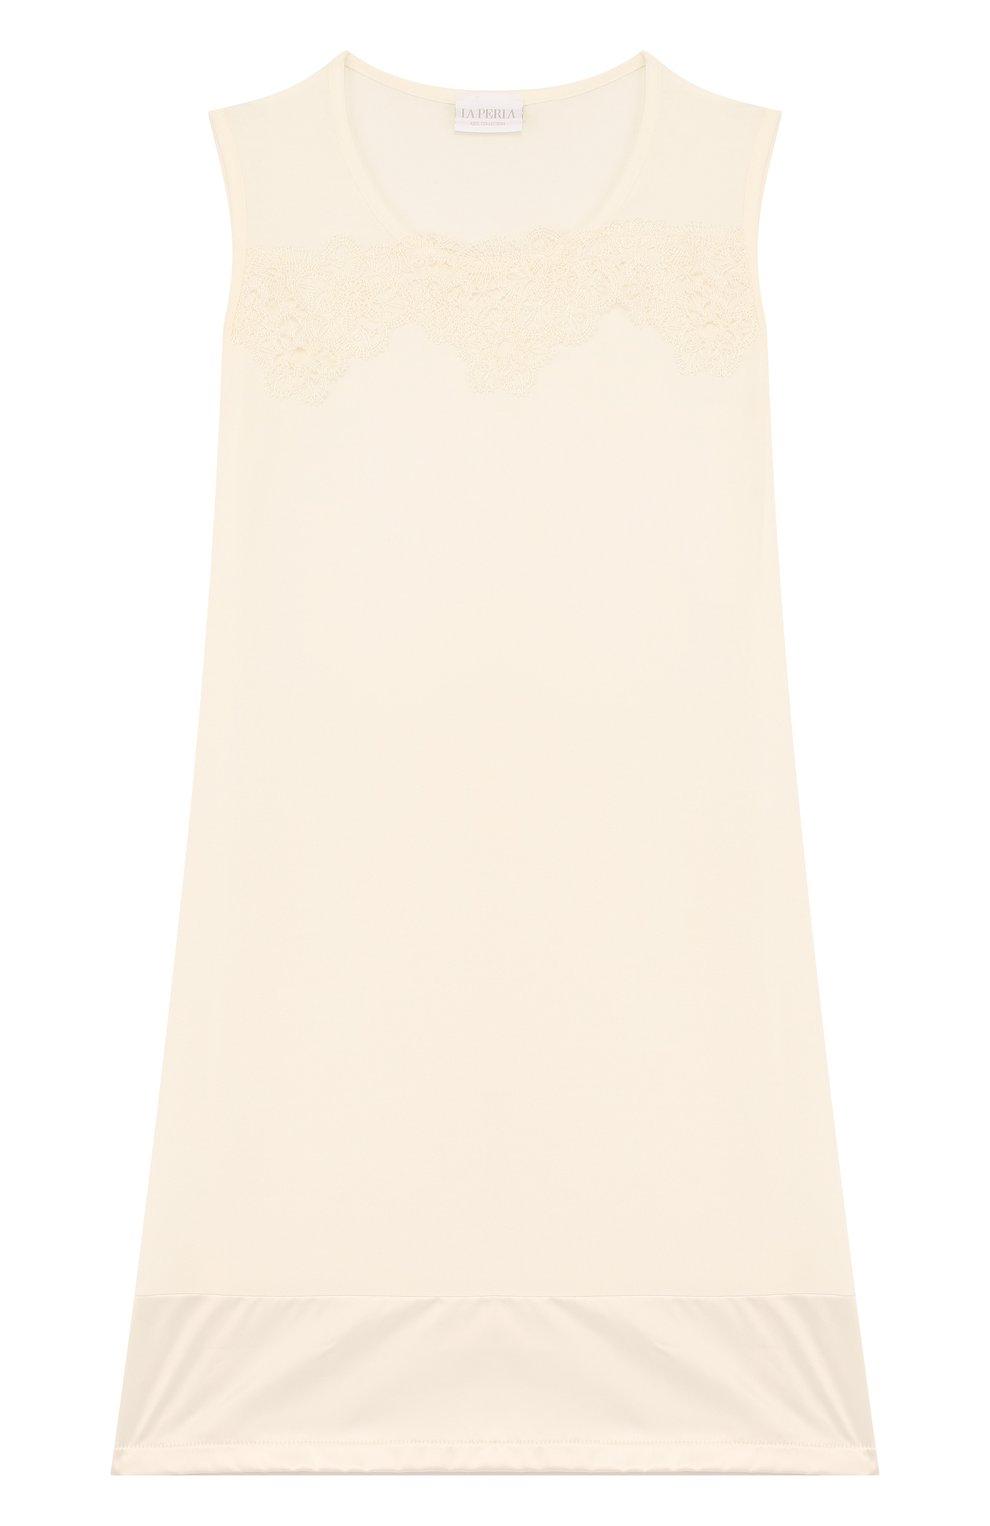 Детская сорочка из вискозы с кружевной отделкой LA PERLA бежевого цвета, арт. 51863/8A-14A | Фото 1